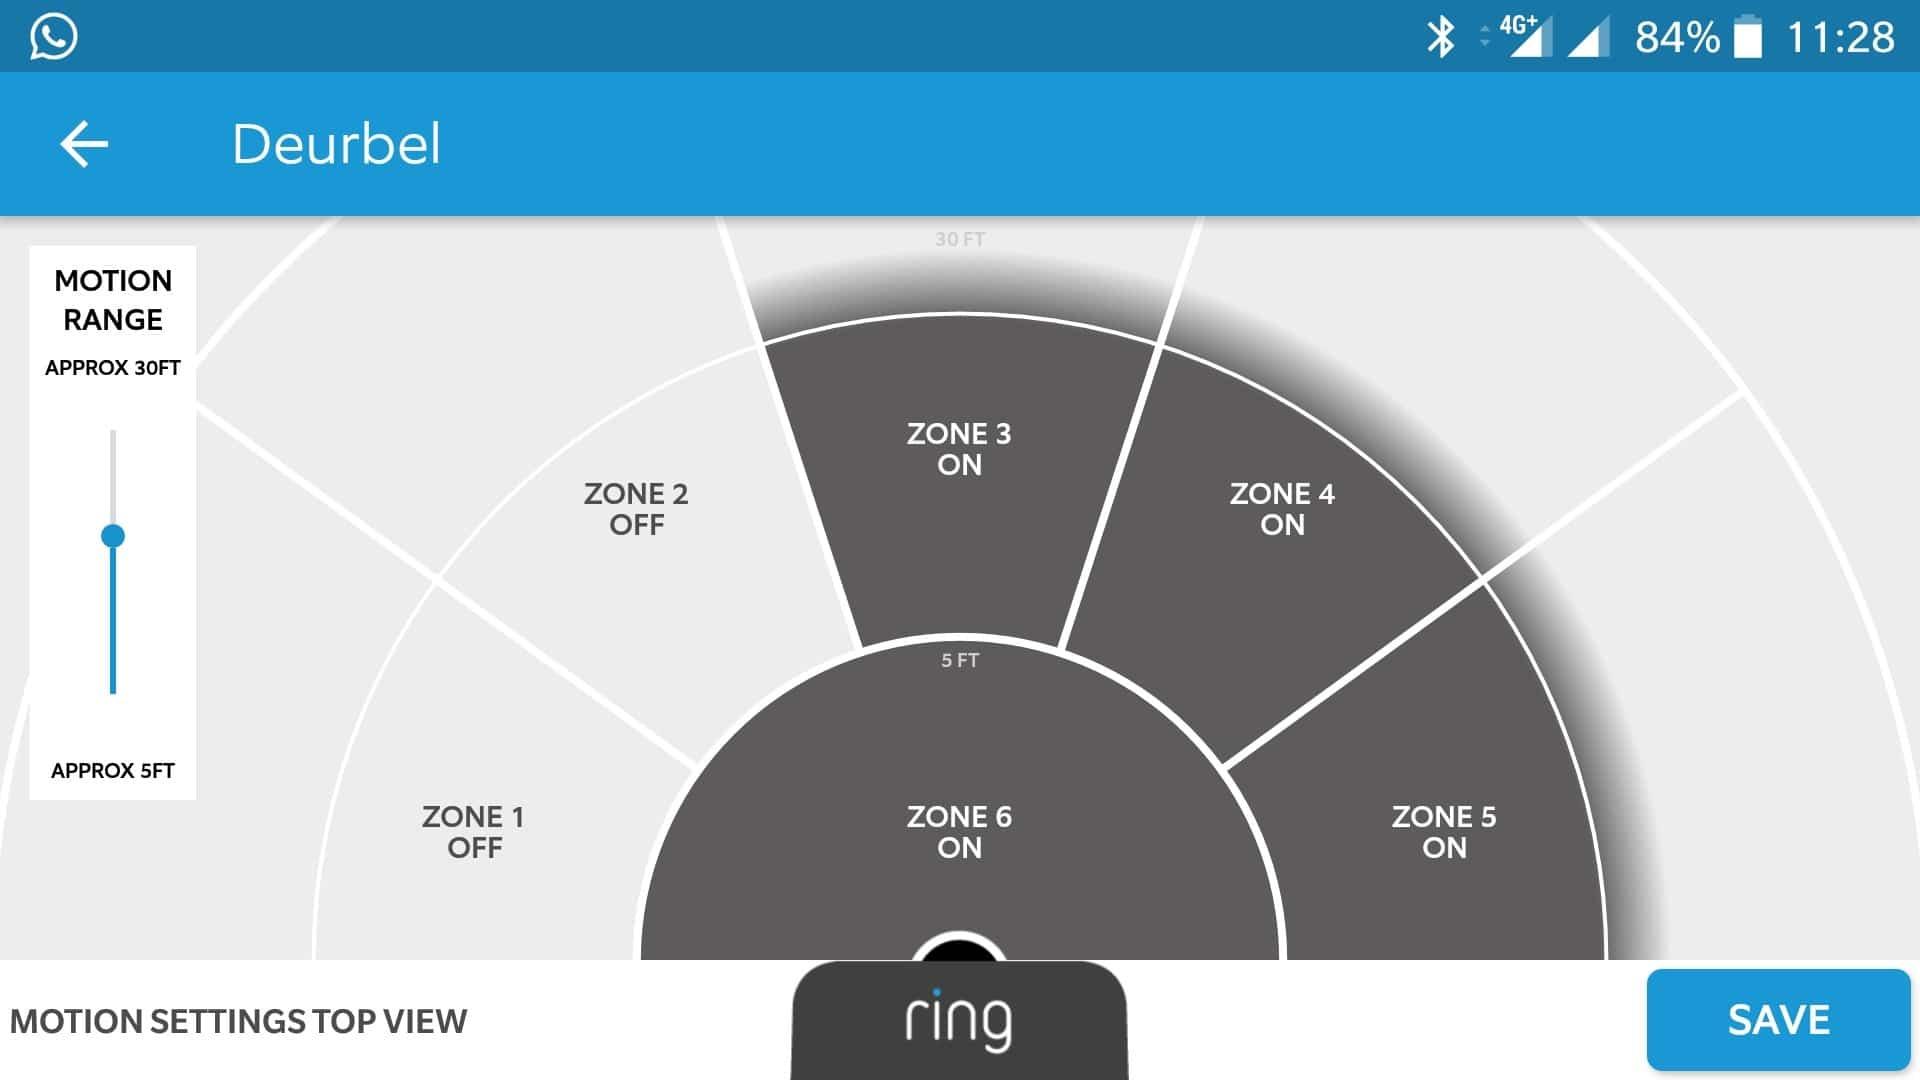 ring deurbel, hoe werkt slimme deurbel, motion sensor instellen, ring deurbel, slimme deurbellen